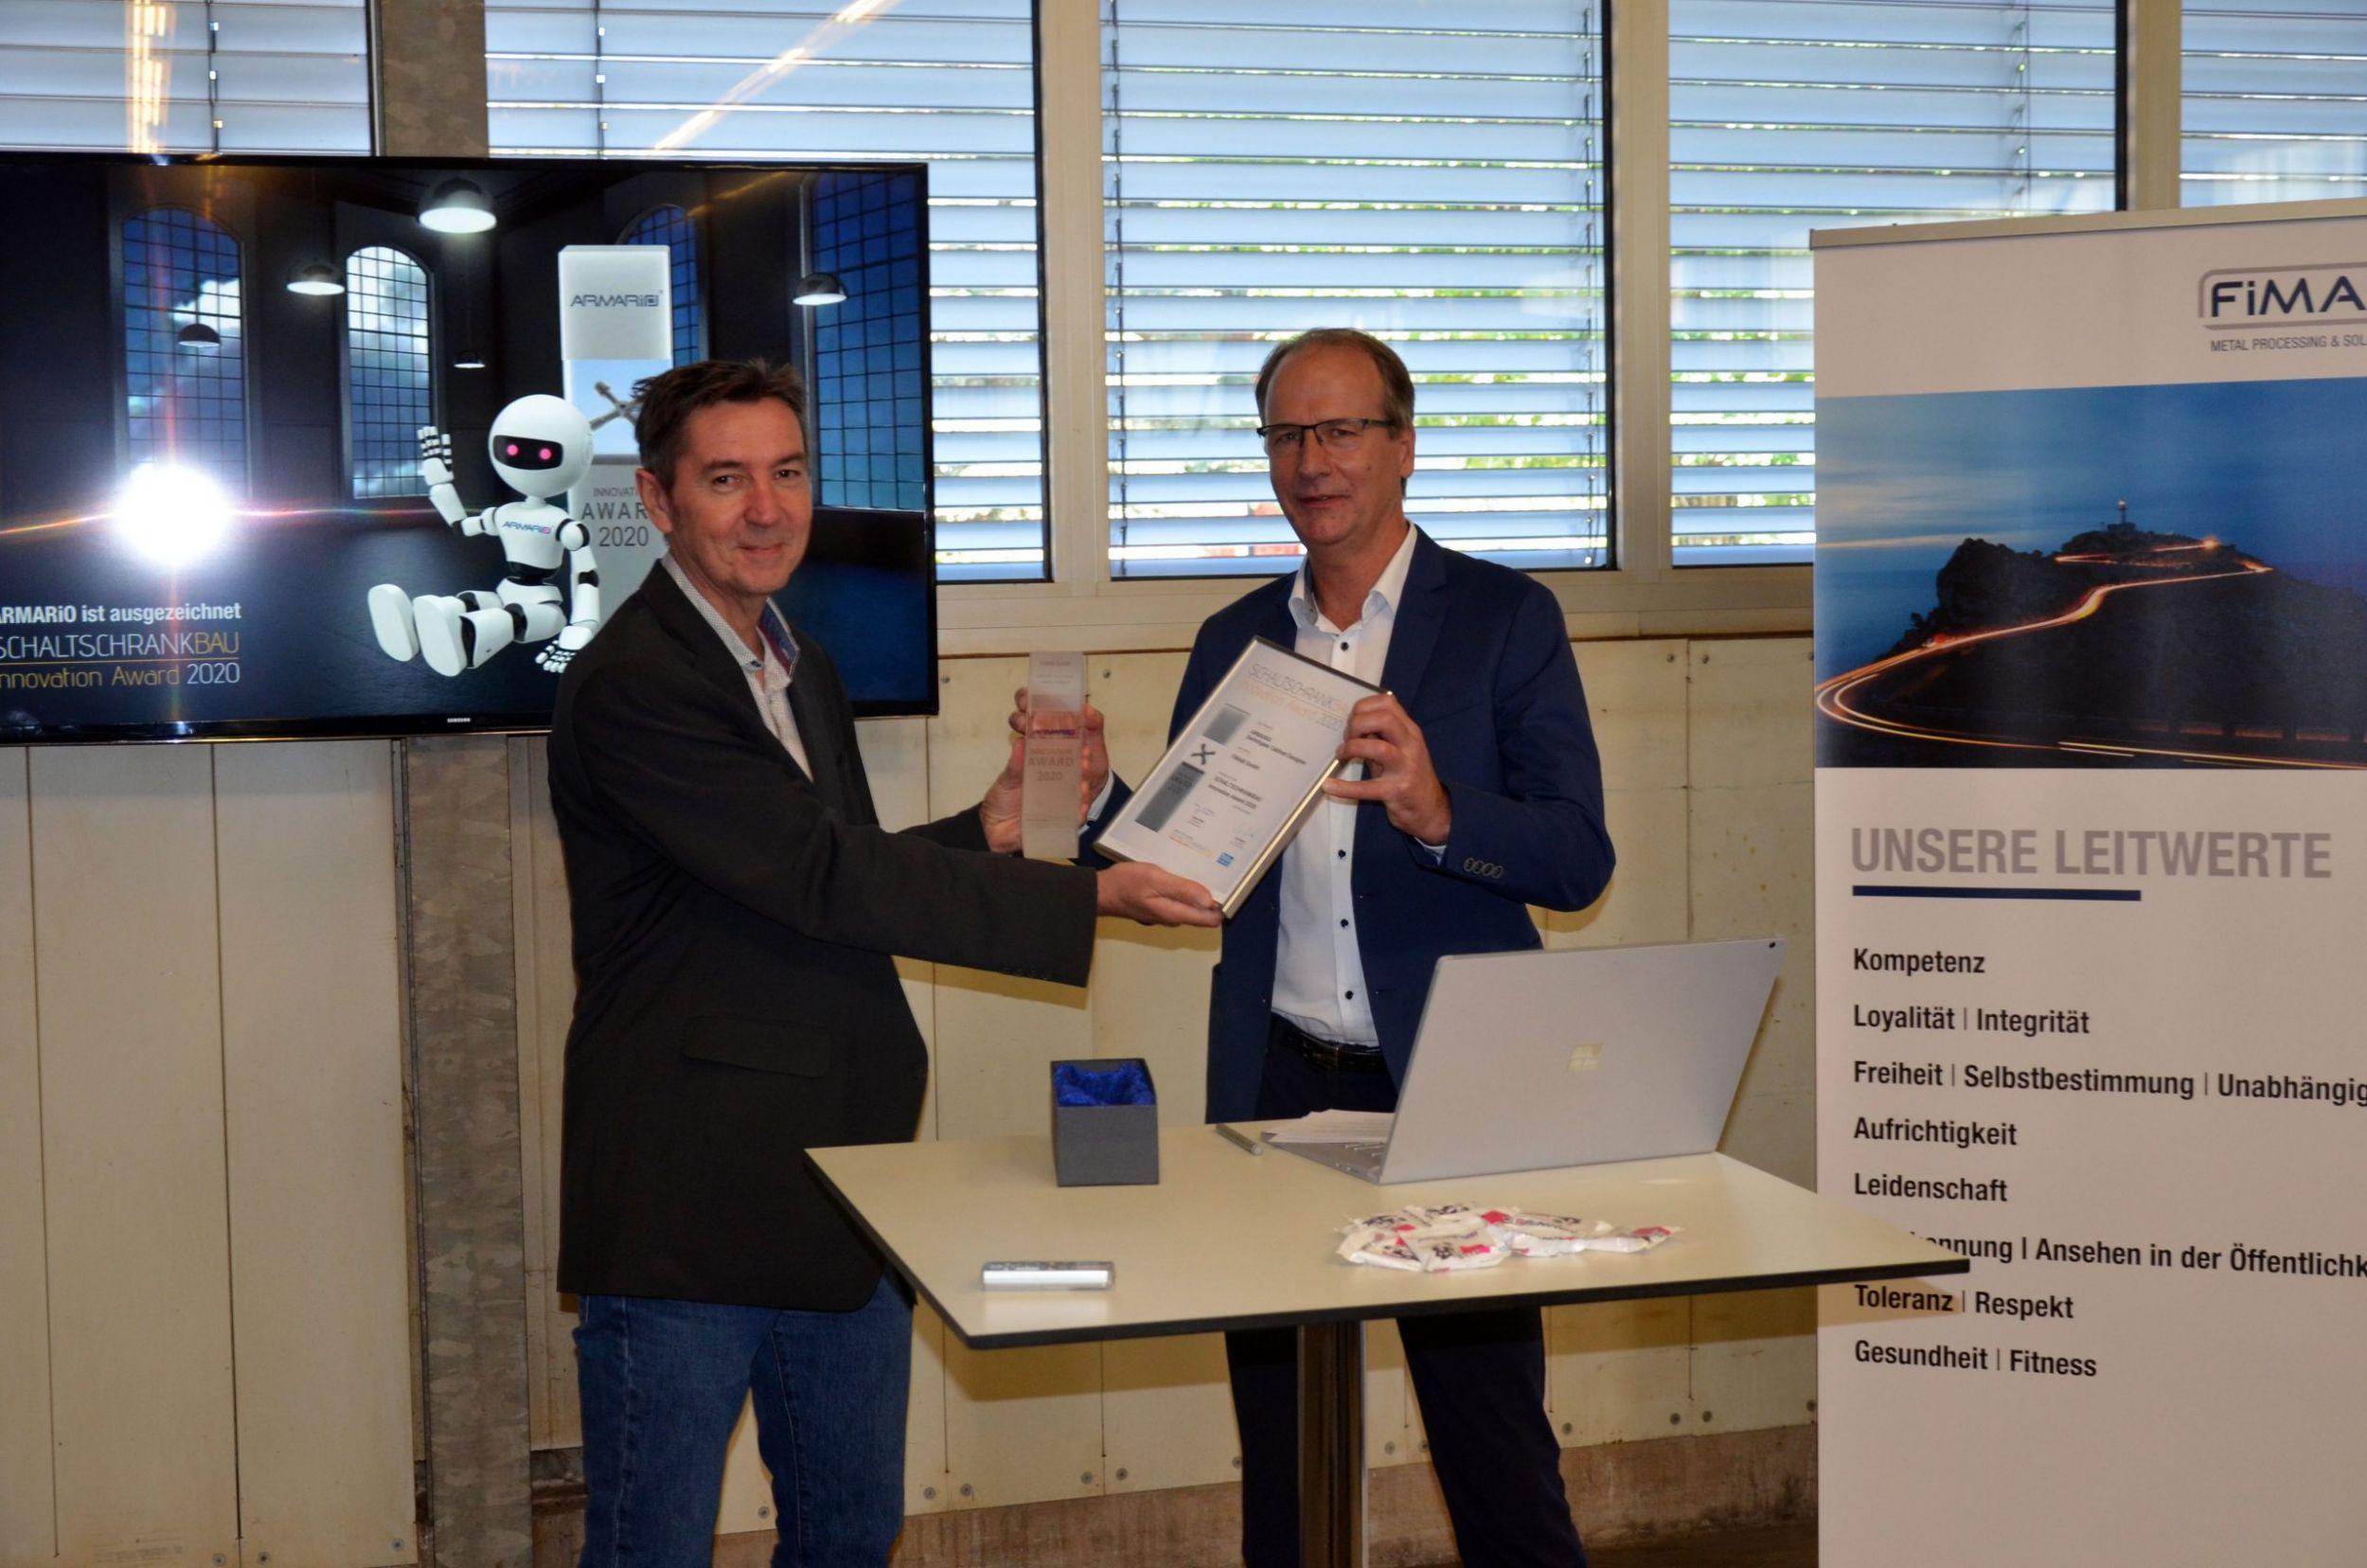 SCHALTSCHRANKBAU Innovation Award 2020